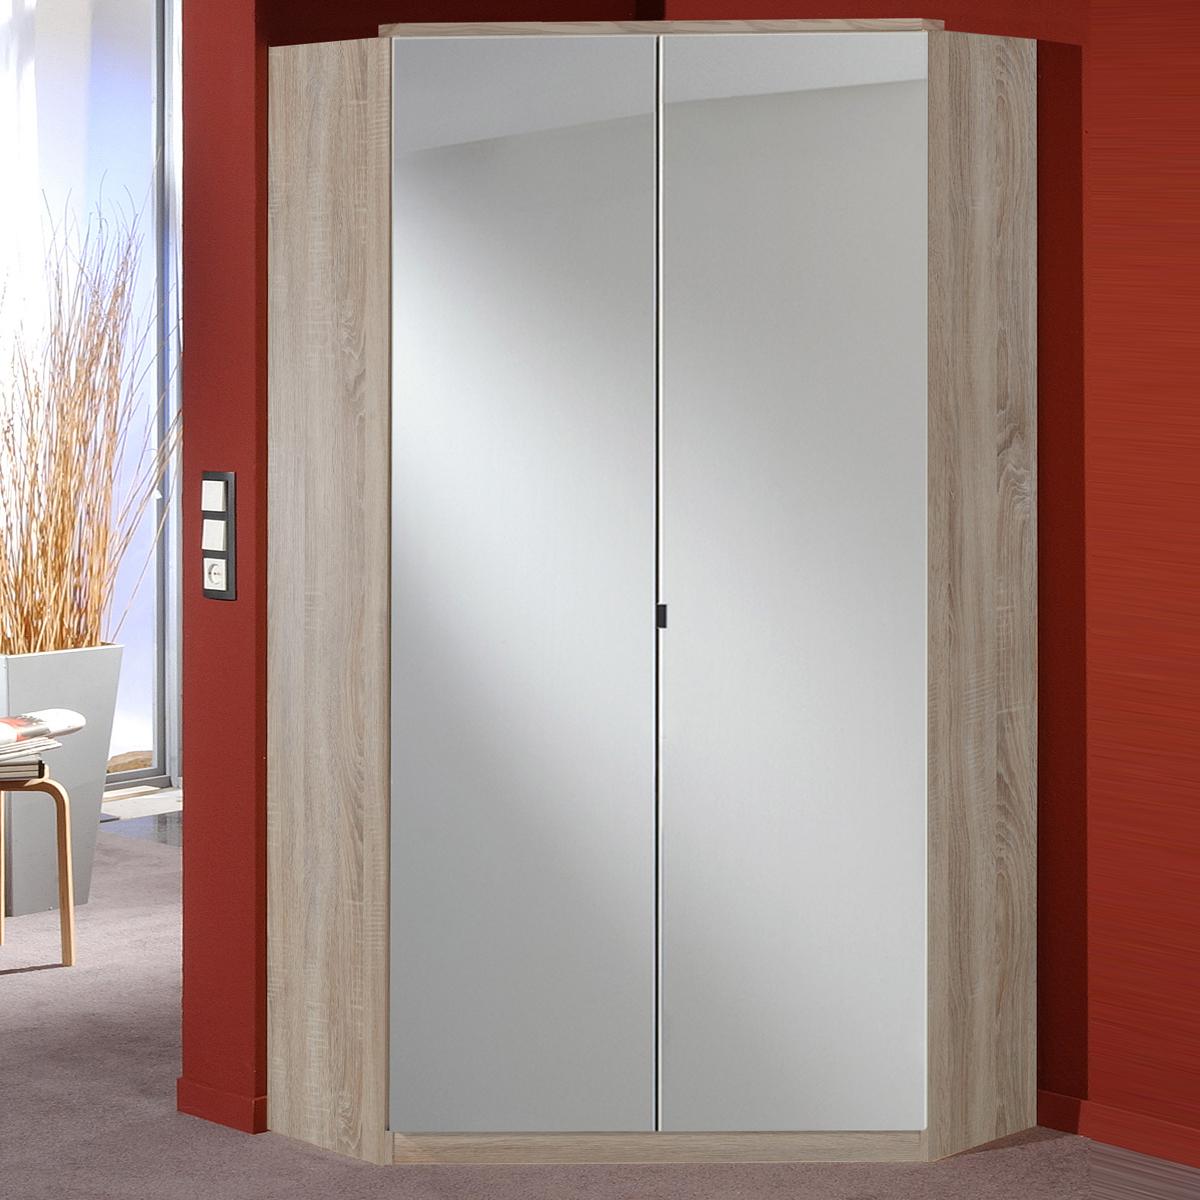 eckschrank clack schlafzimmer dreht renschrank mit spiegelfront in eiche ebay. Black Bedroom Furniture Sets. Home Design Ideas